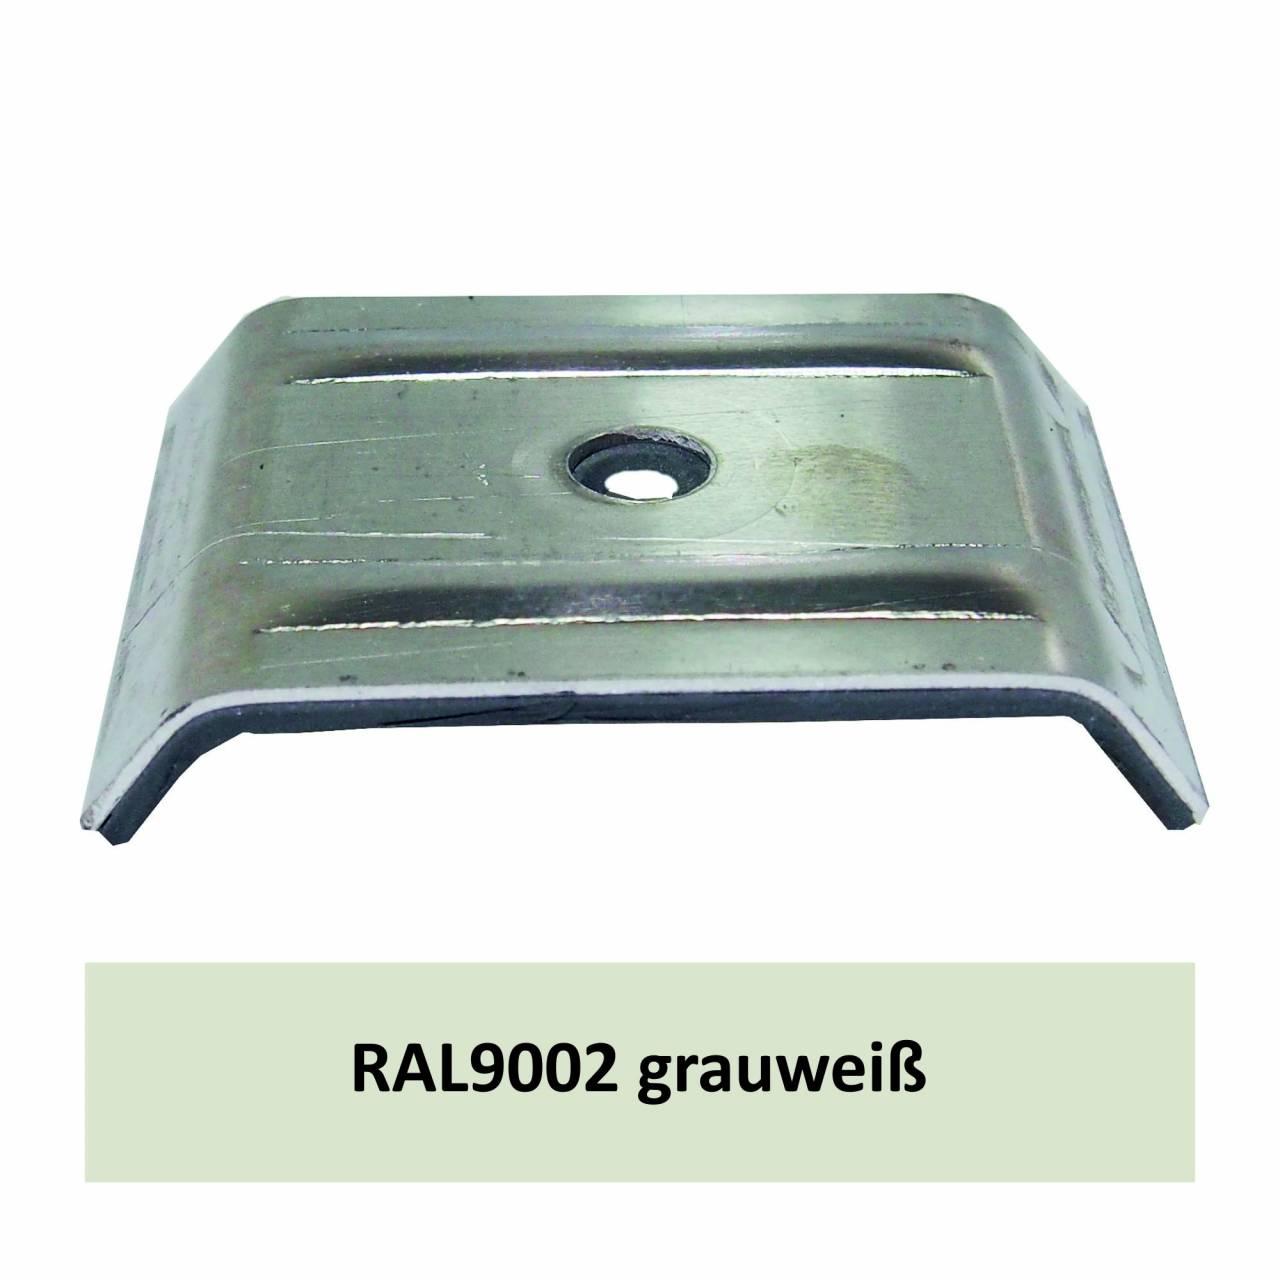 Kalotten für 35/207, Alu RAL9002 grauweiß / Pck a 100 Stück